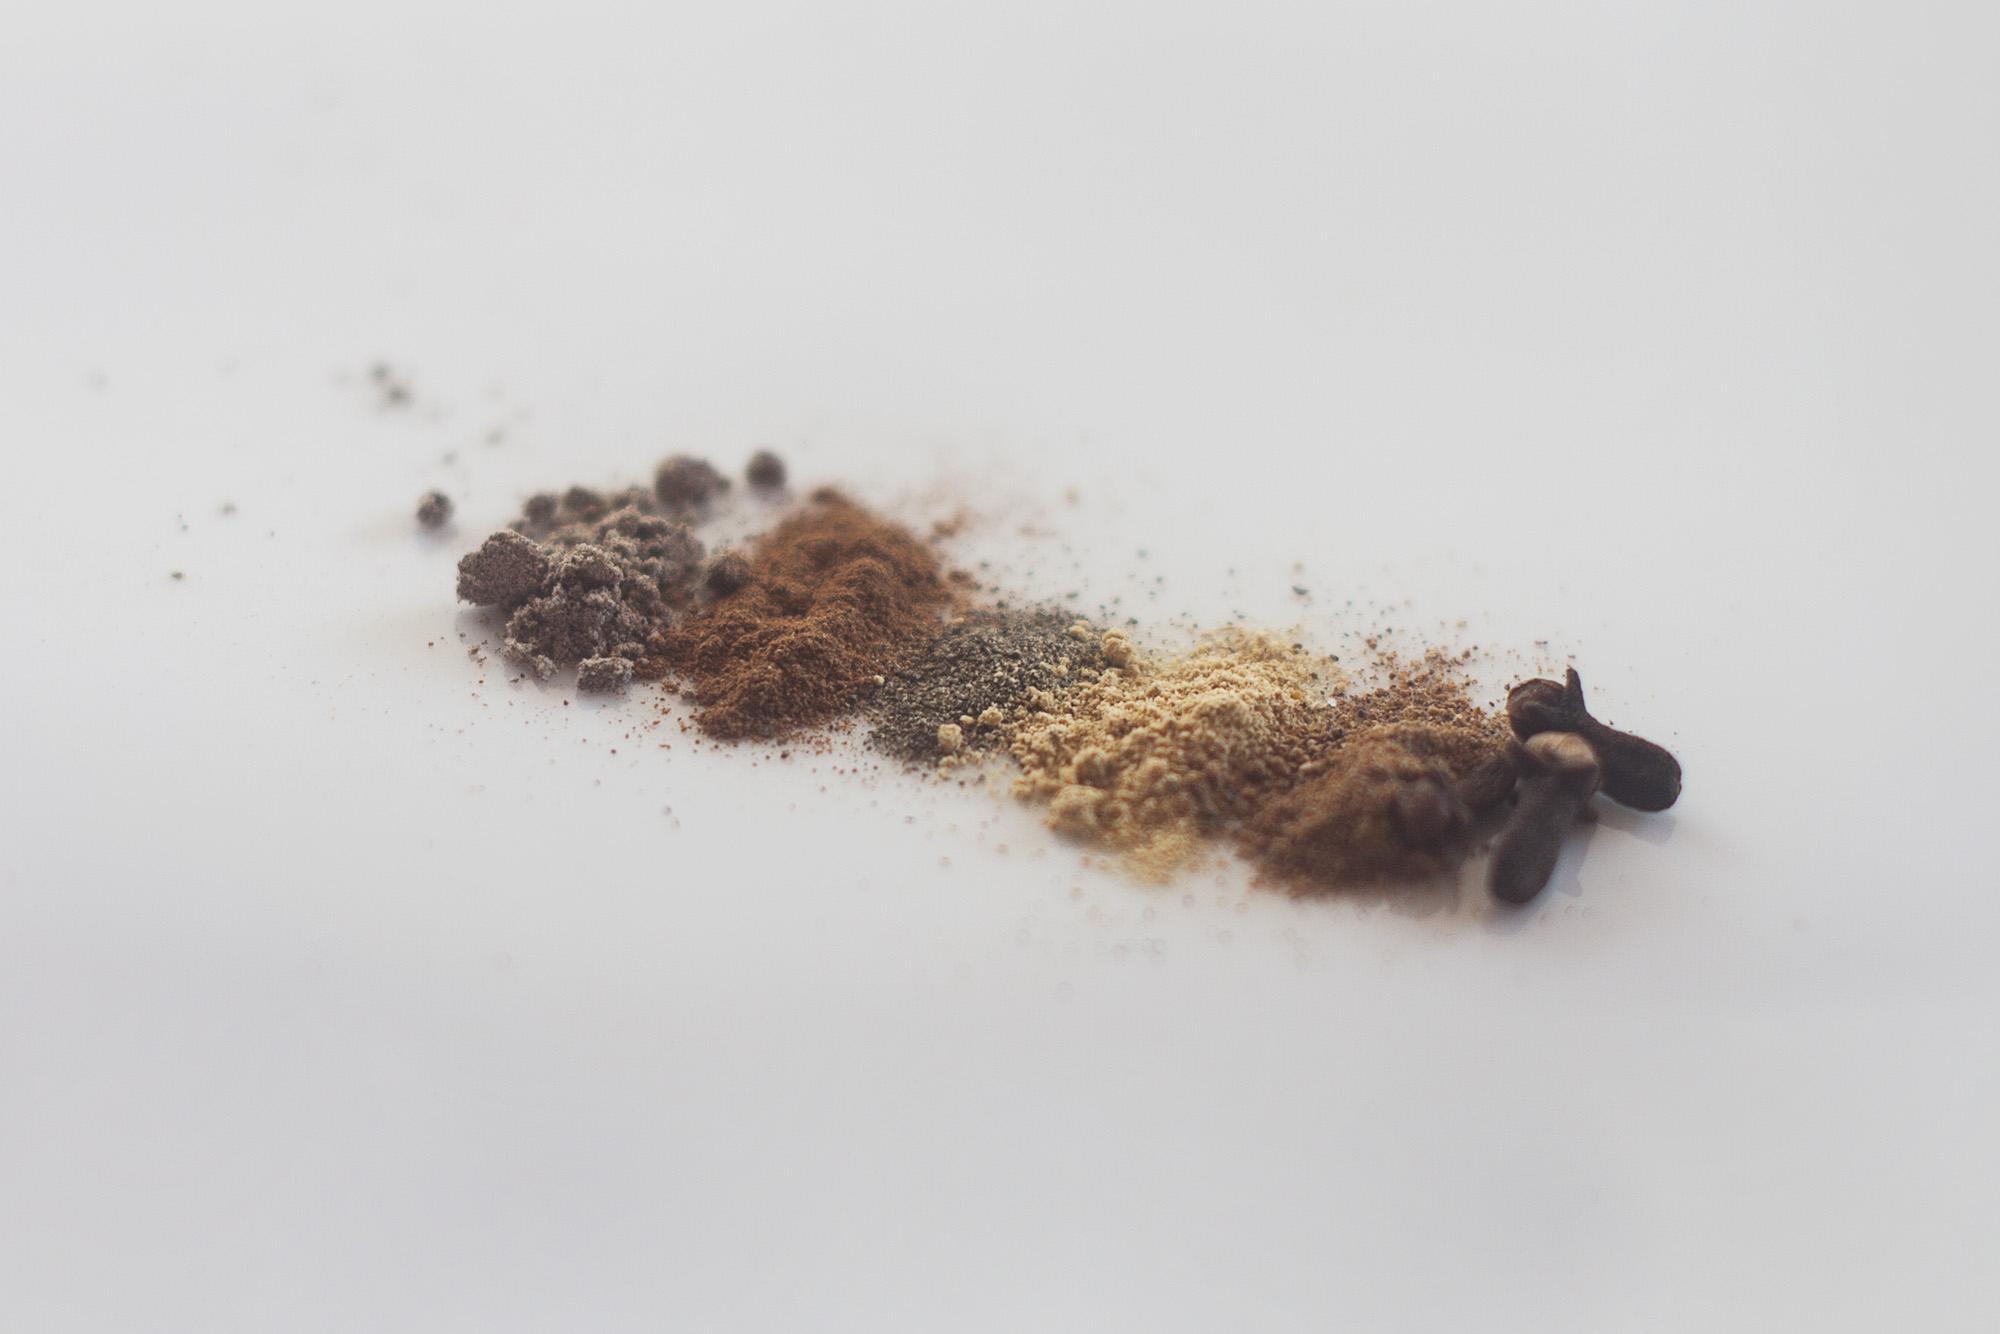 przyprawy po wymieszaniu których otrzymujemy mieszankę masala czaj